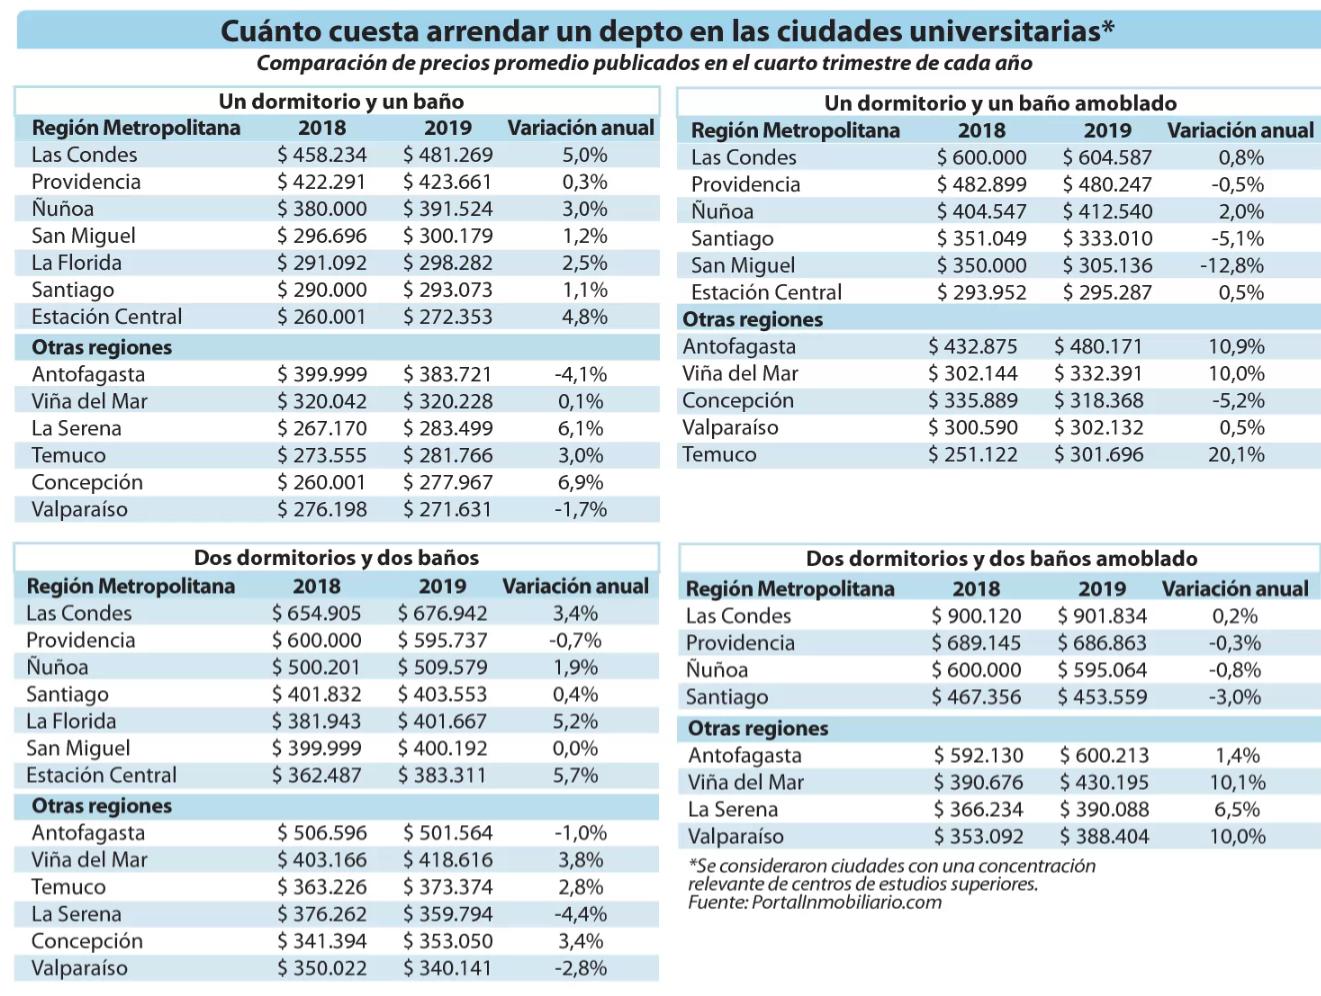 Cuánto valen los arriendos para universitarios